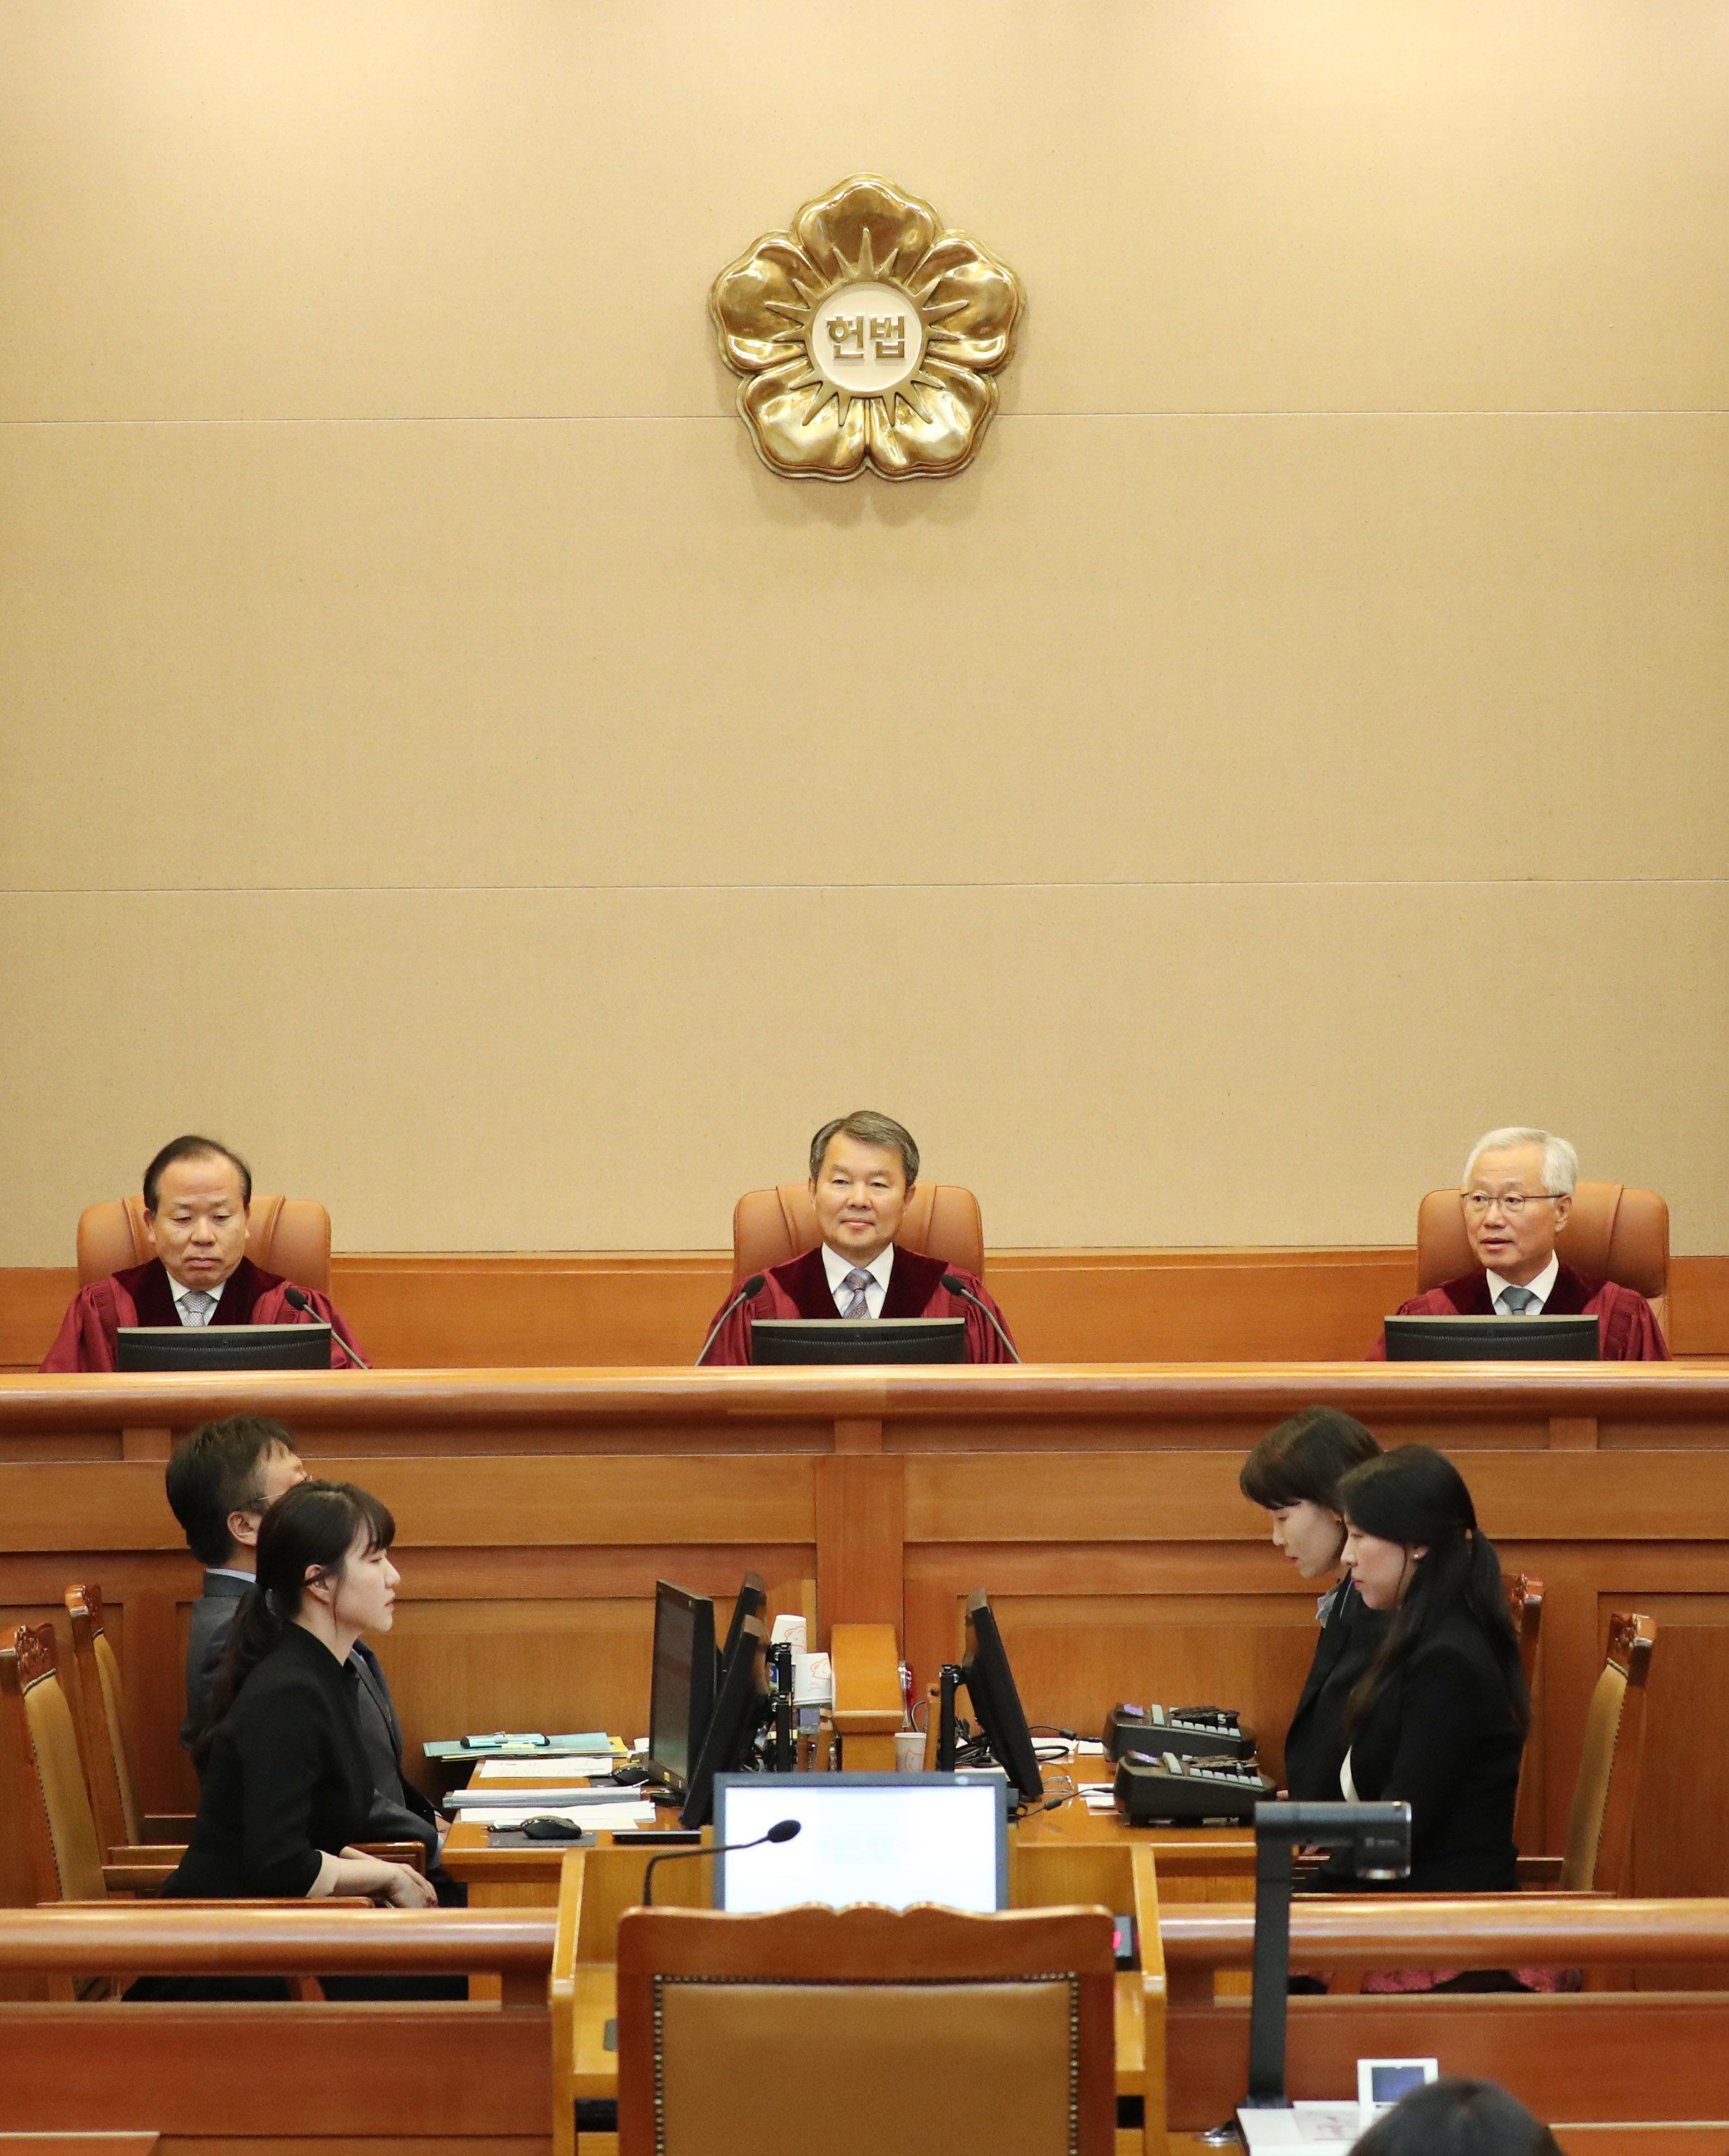 7년 전, 헌법재판소의 '낙태죄' 합헌 결정문은